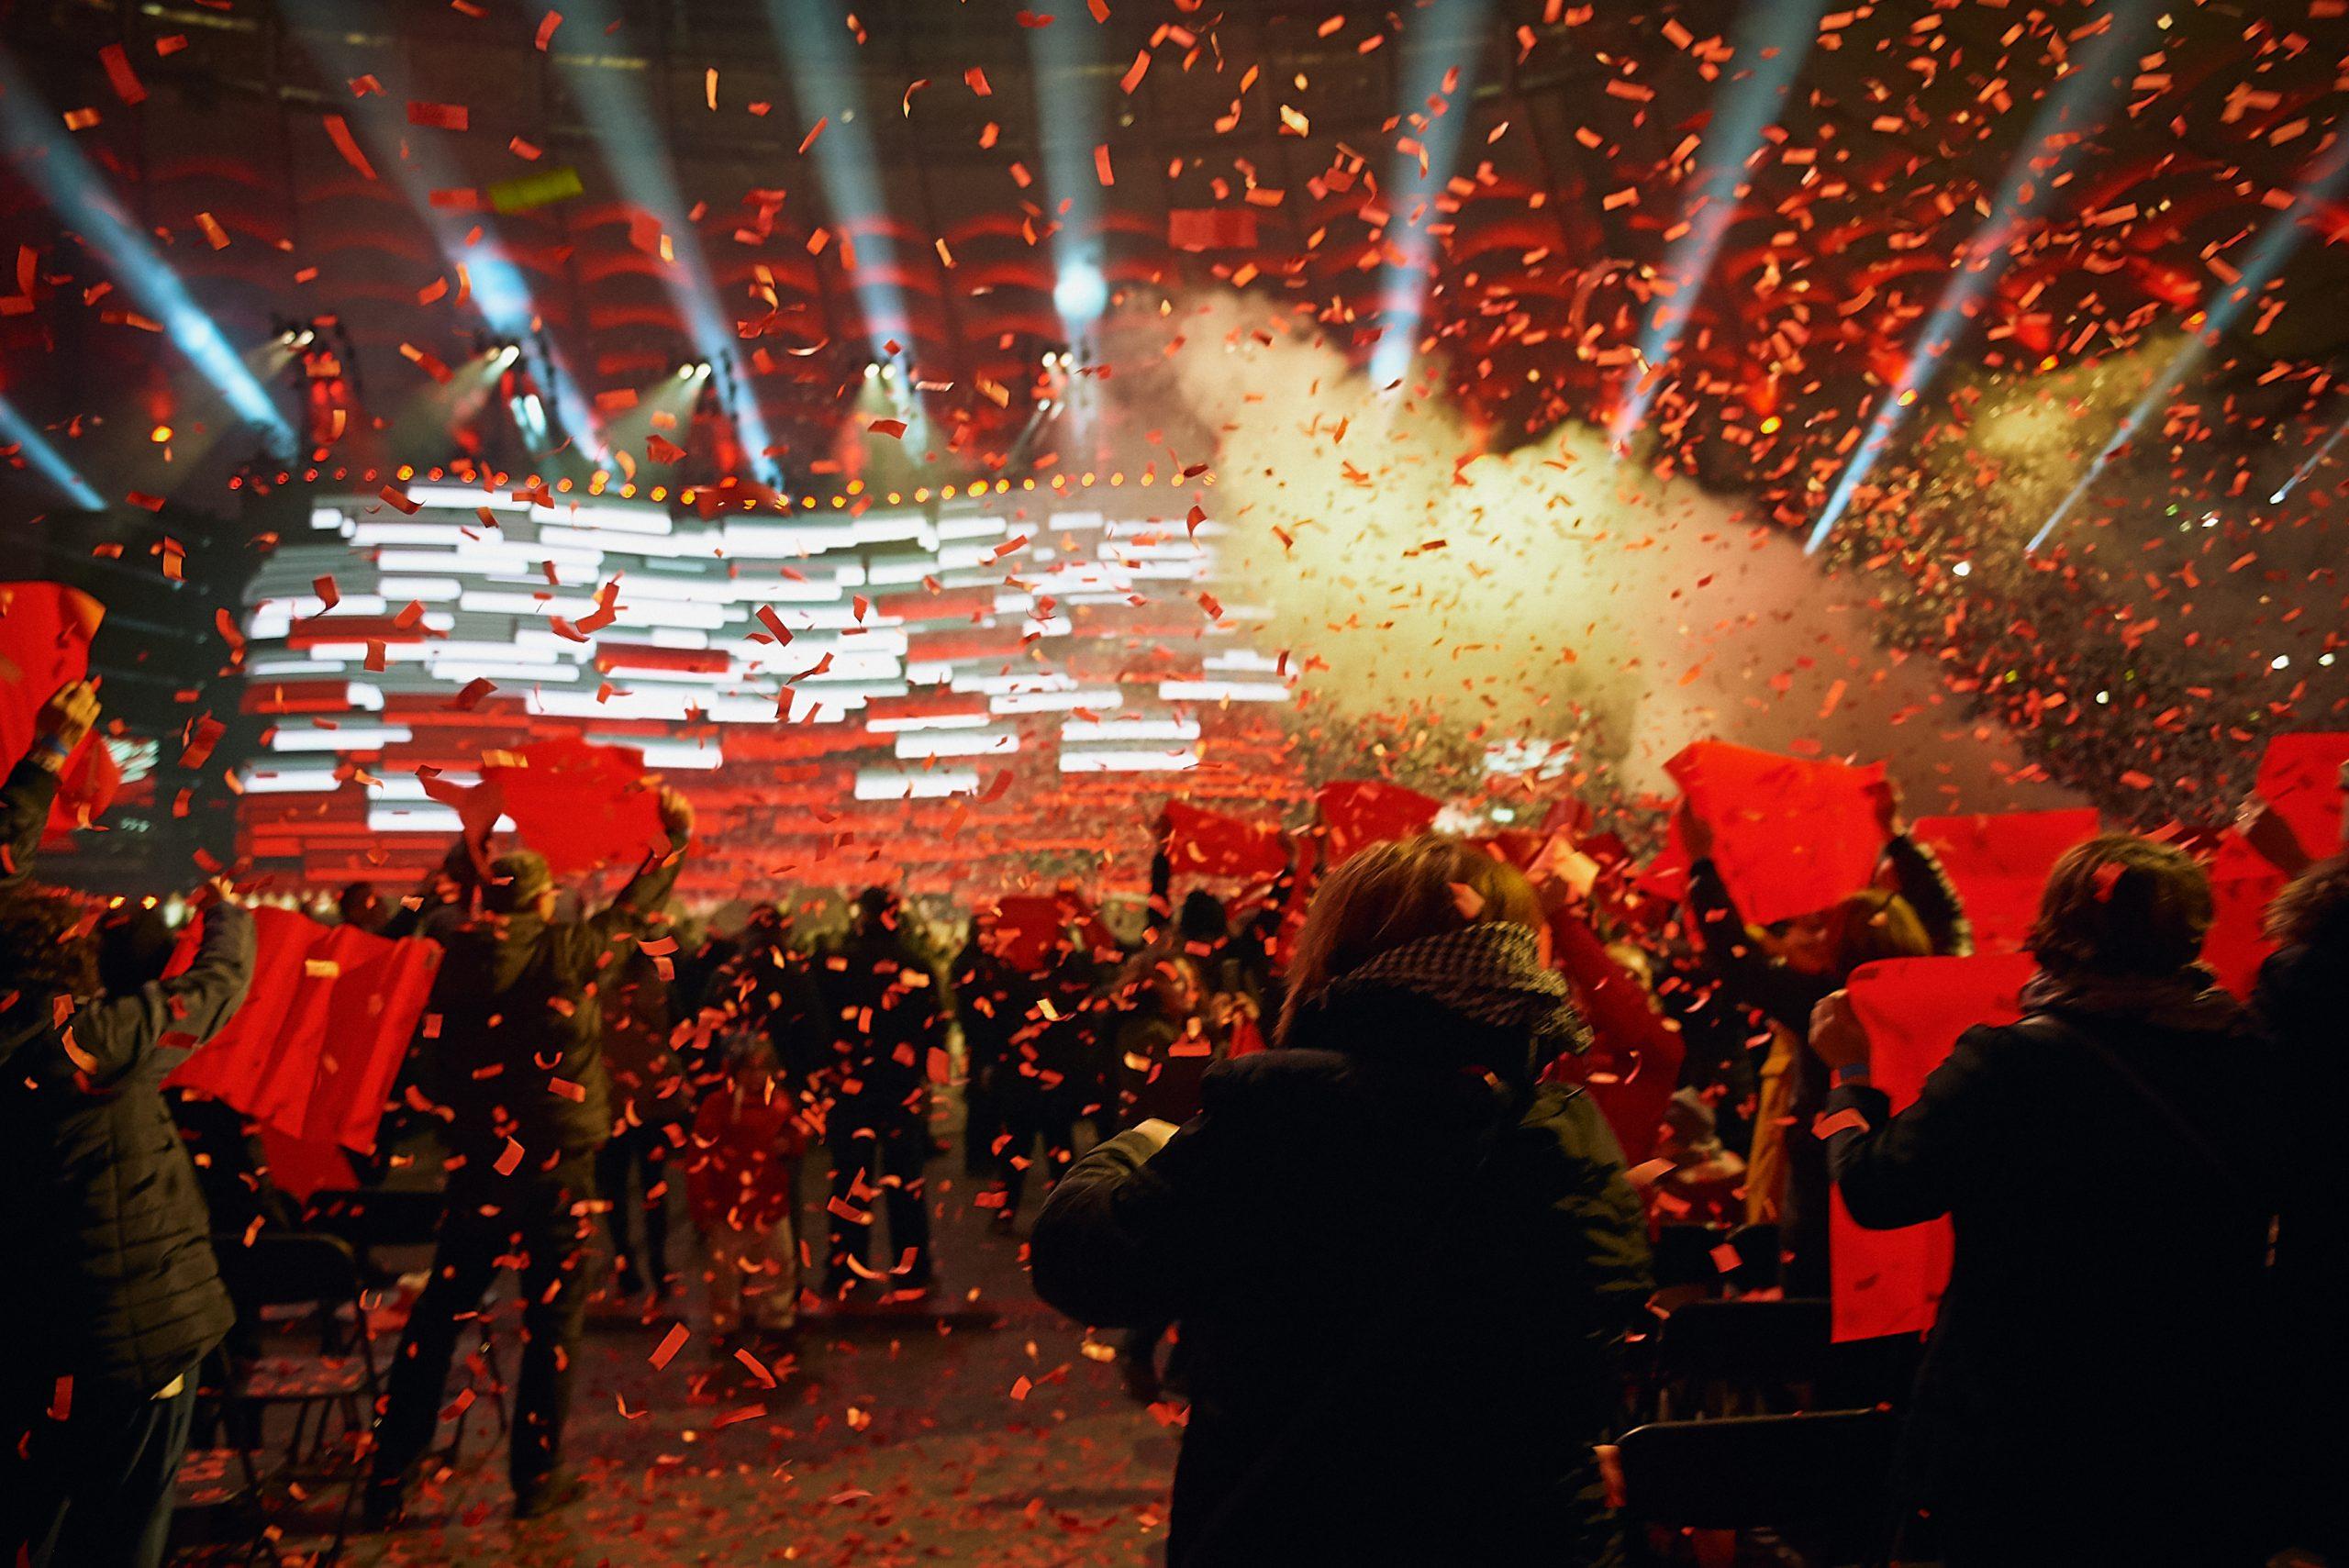 бело-красные иллюминации, люди в вихре конфетти патриотических цветов